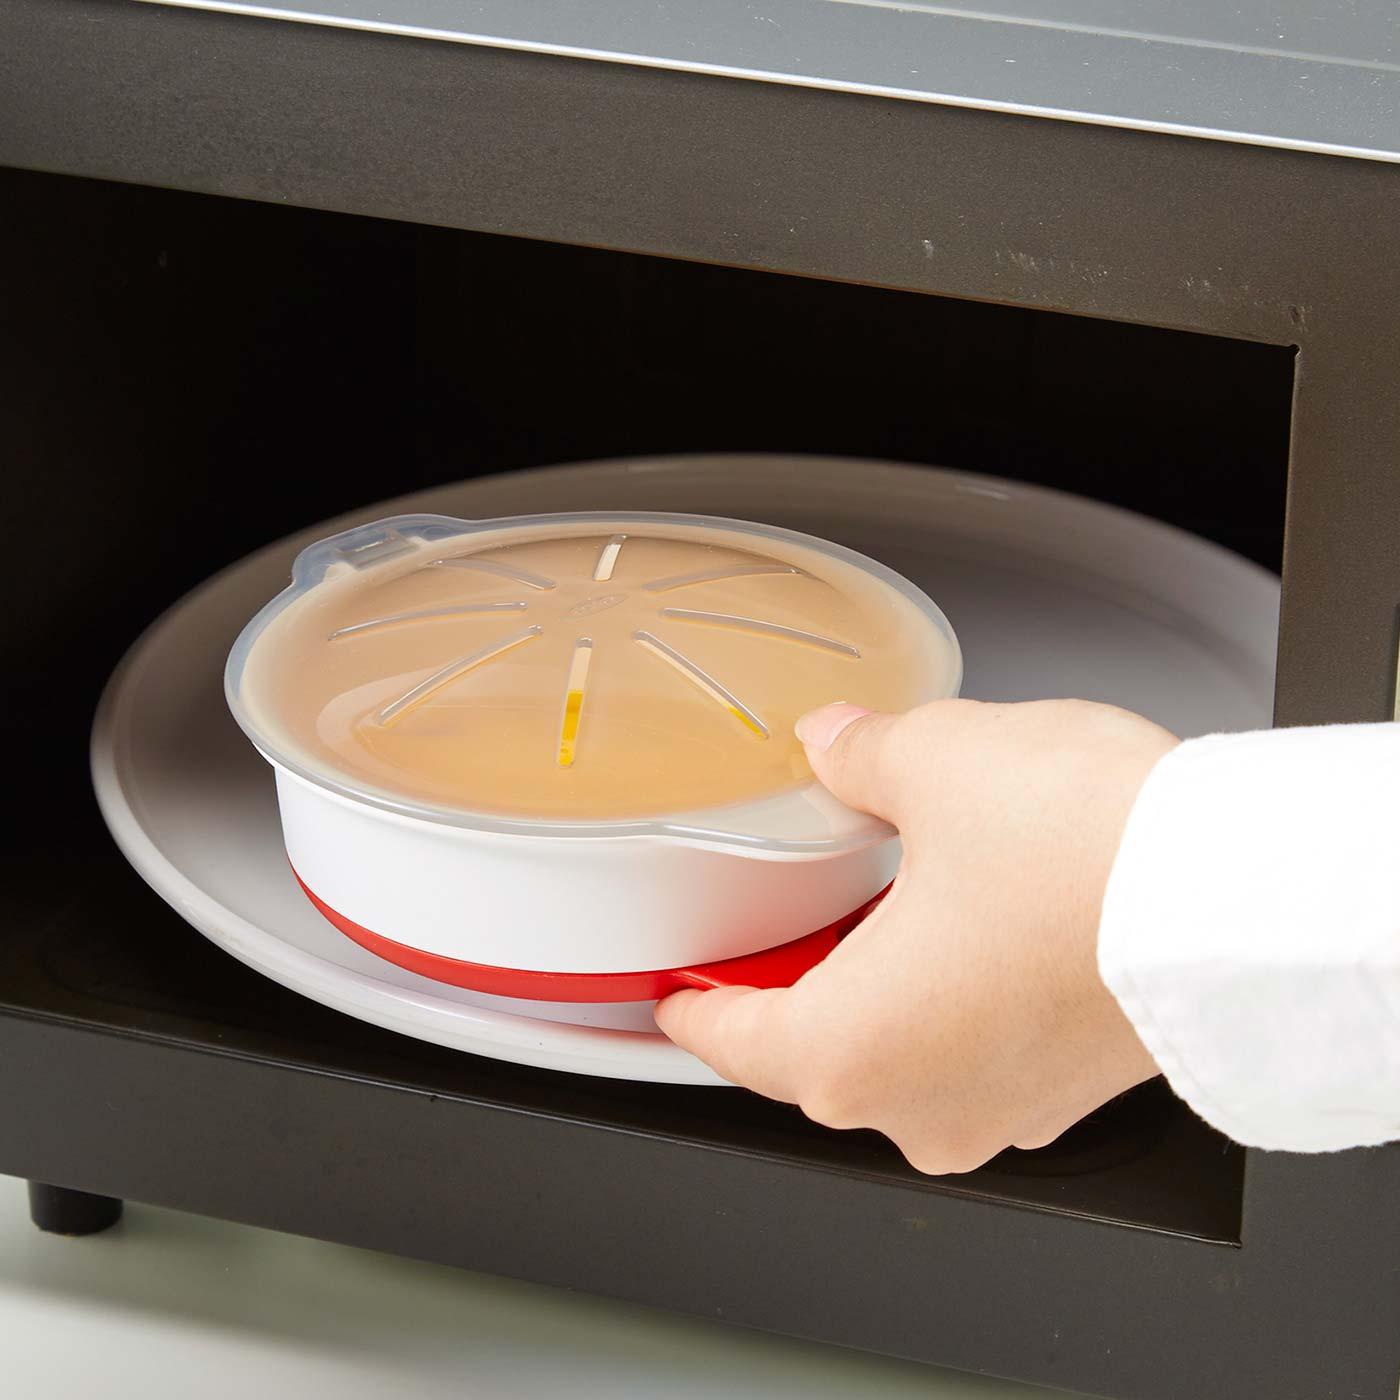 1 本体に直接卵を混ぜて電子レンジへ。1~2分でスクランブルエッグや目玉焼きが完成します。